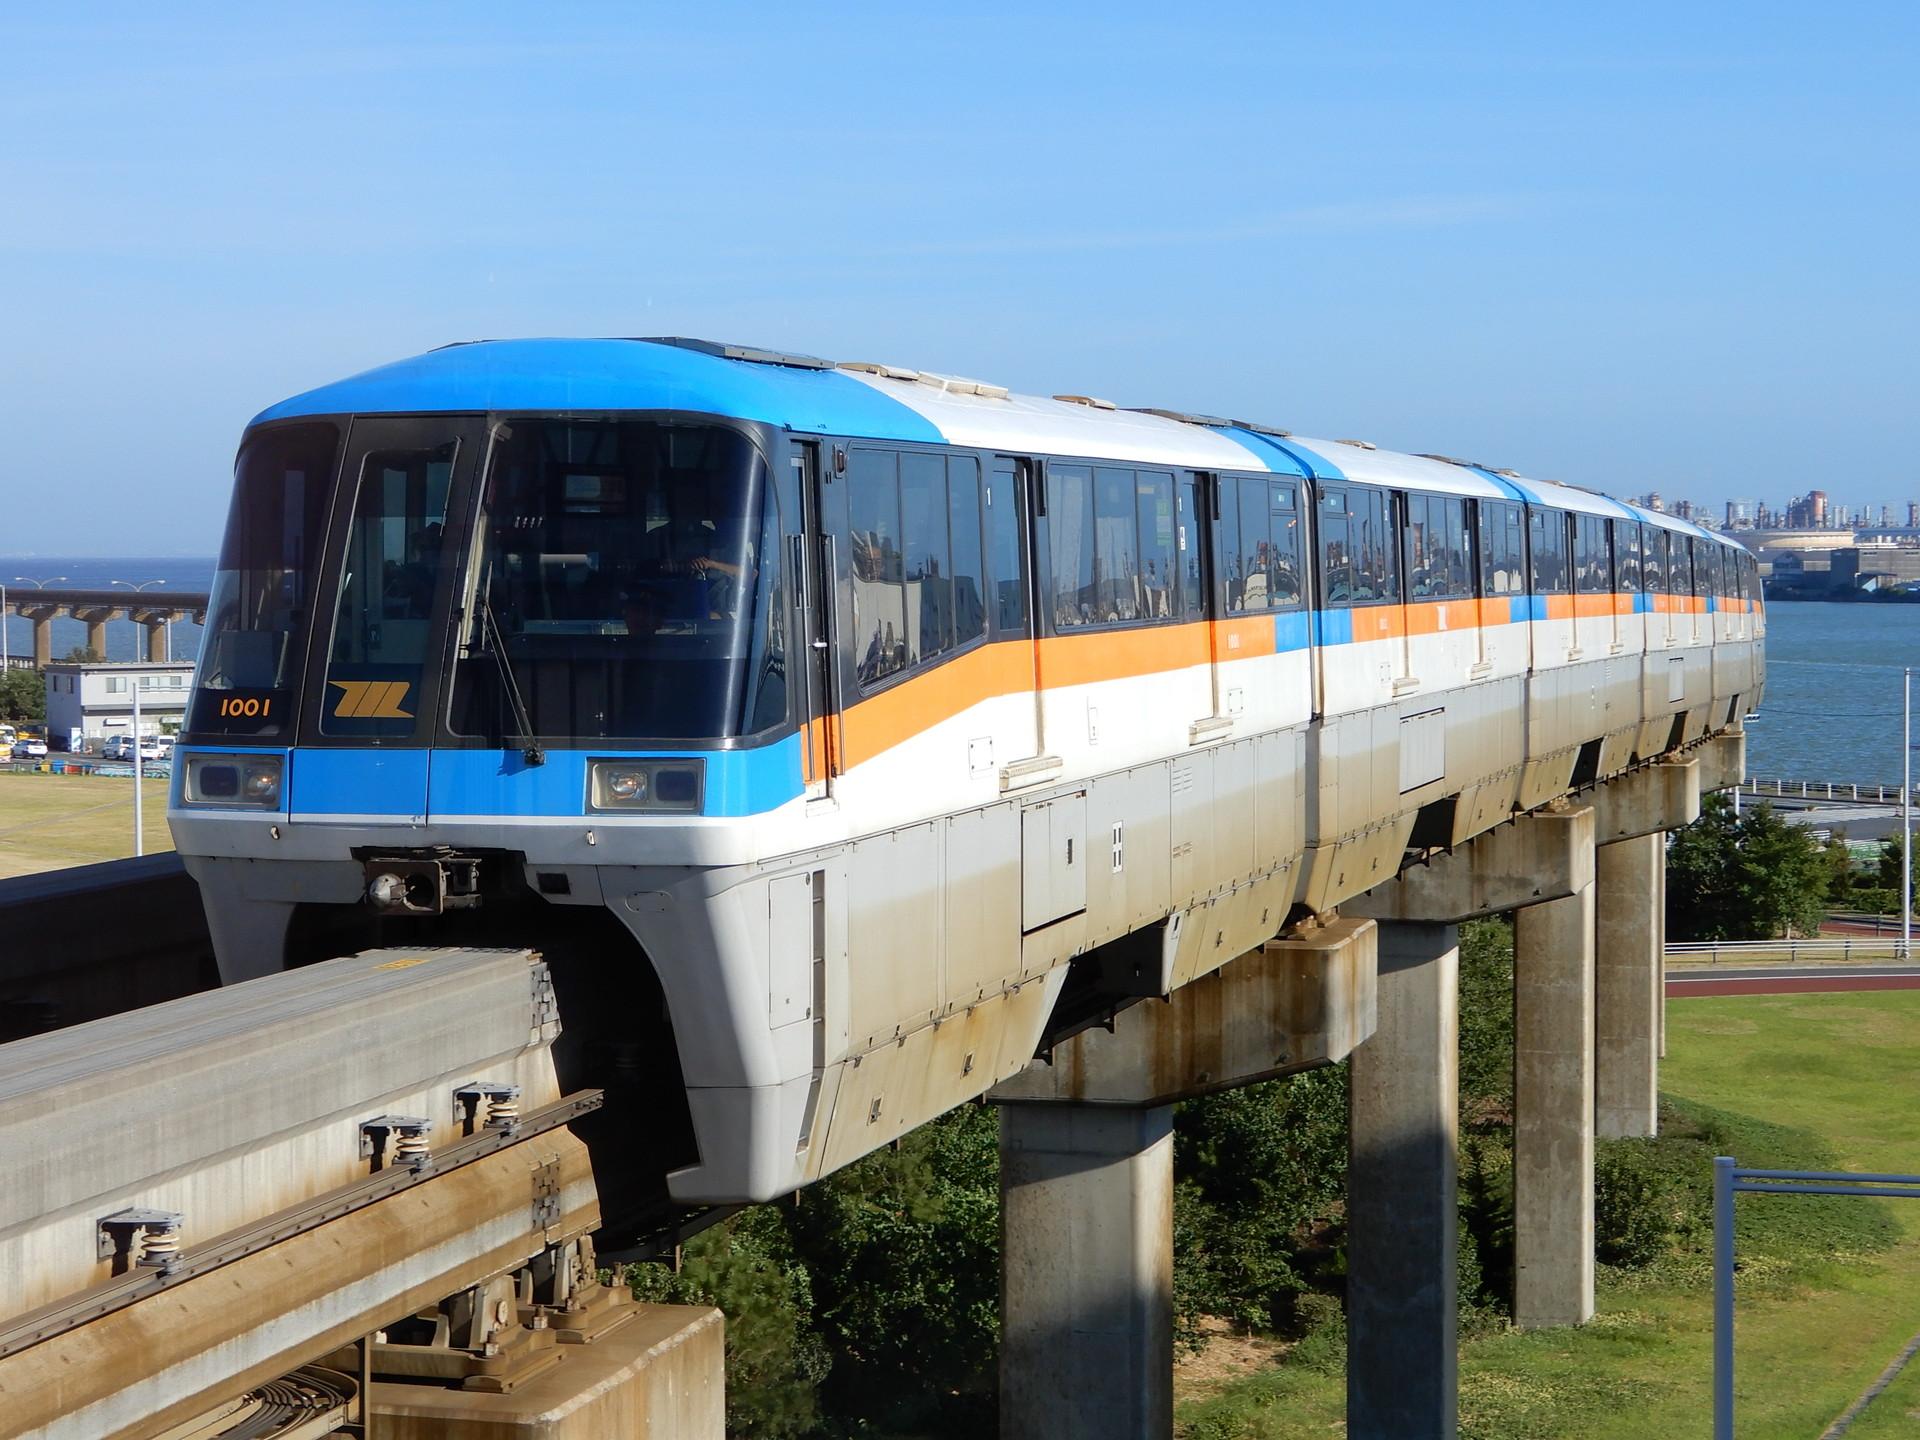 東京モノレール1001F